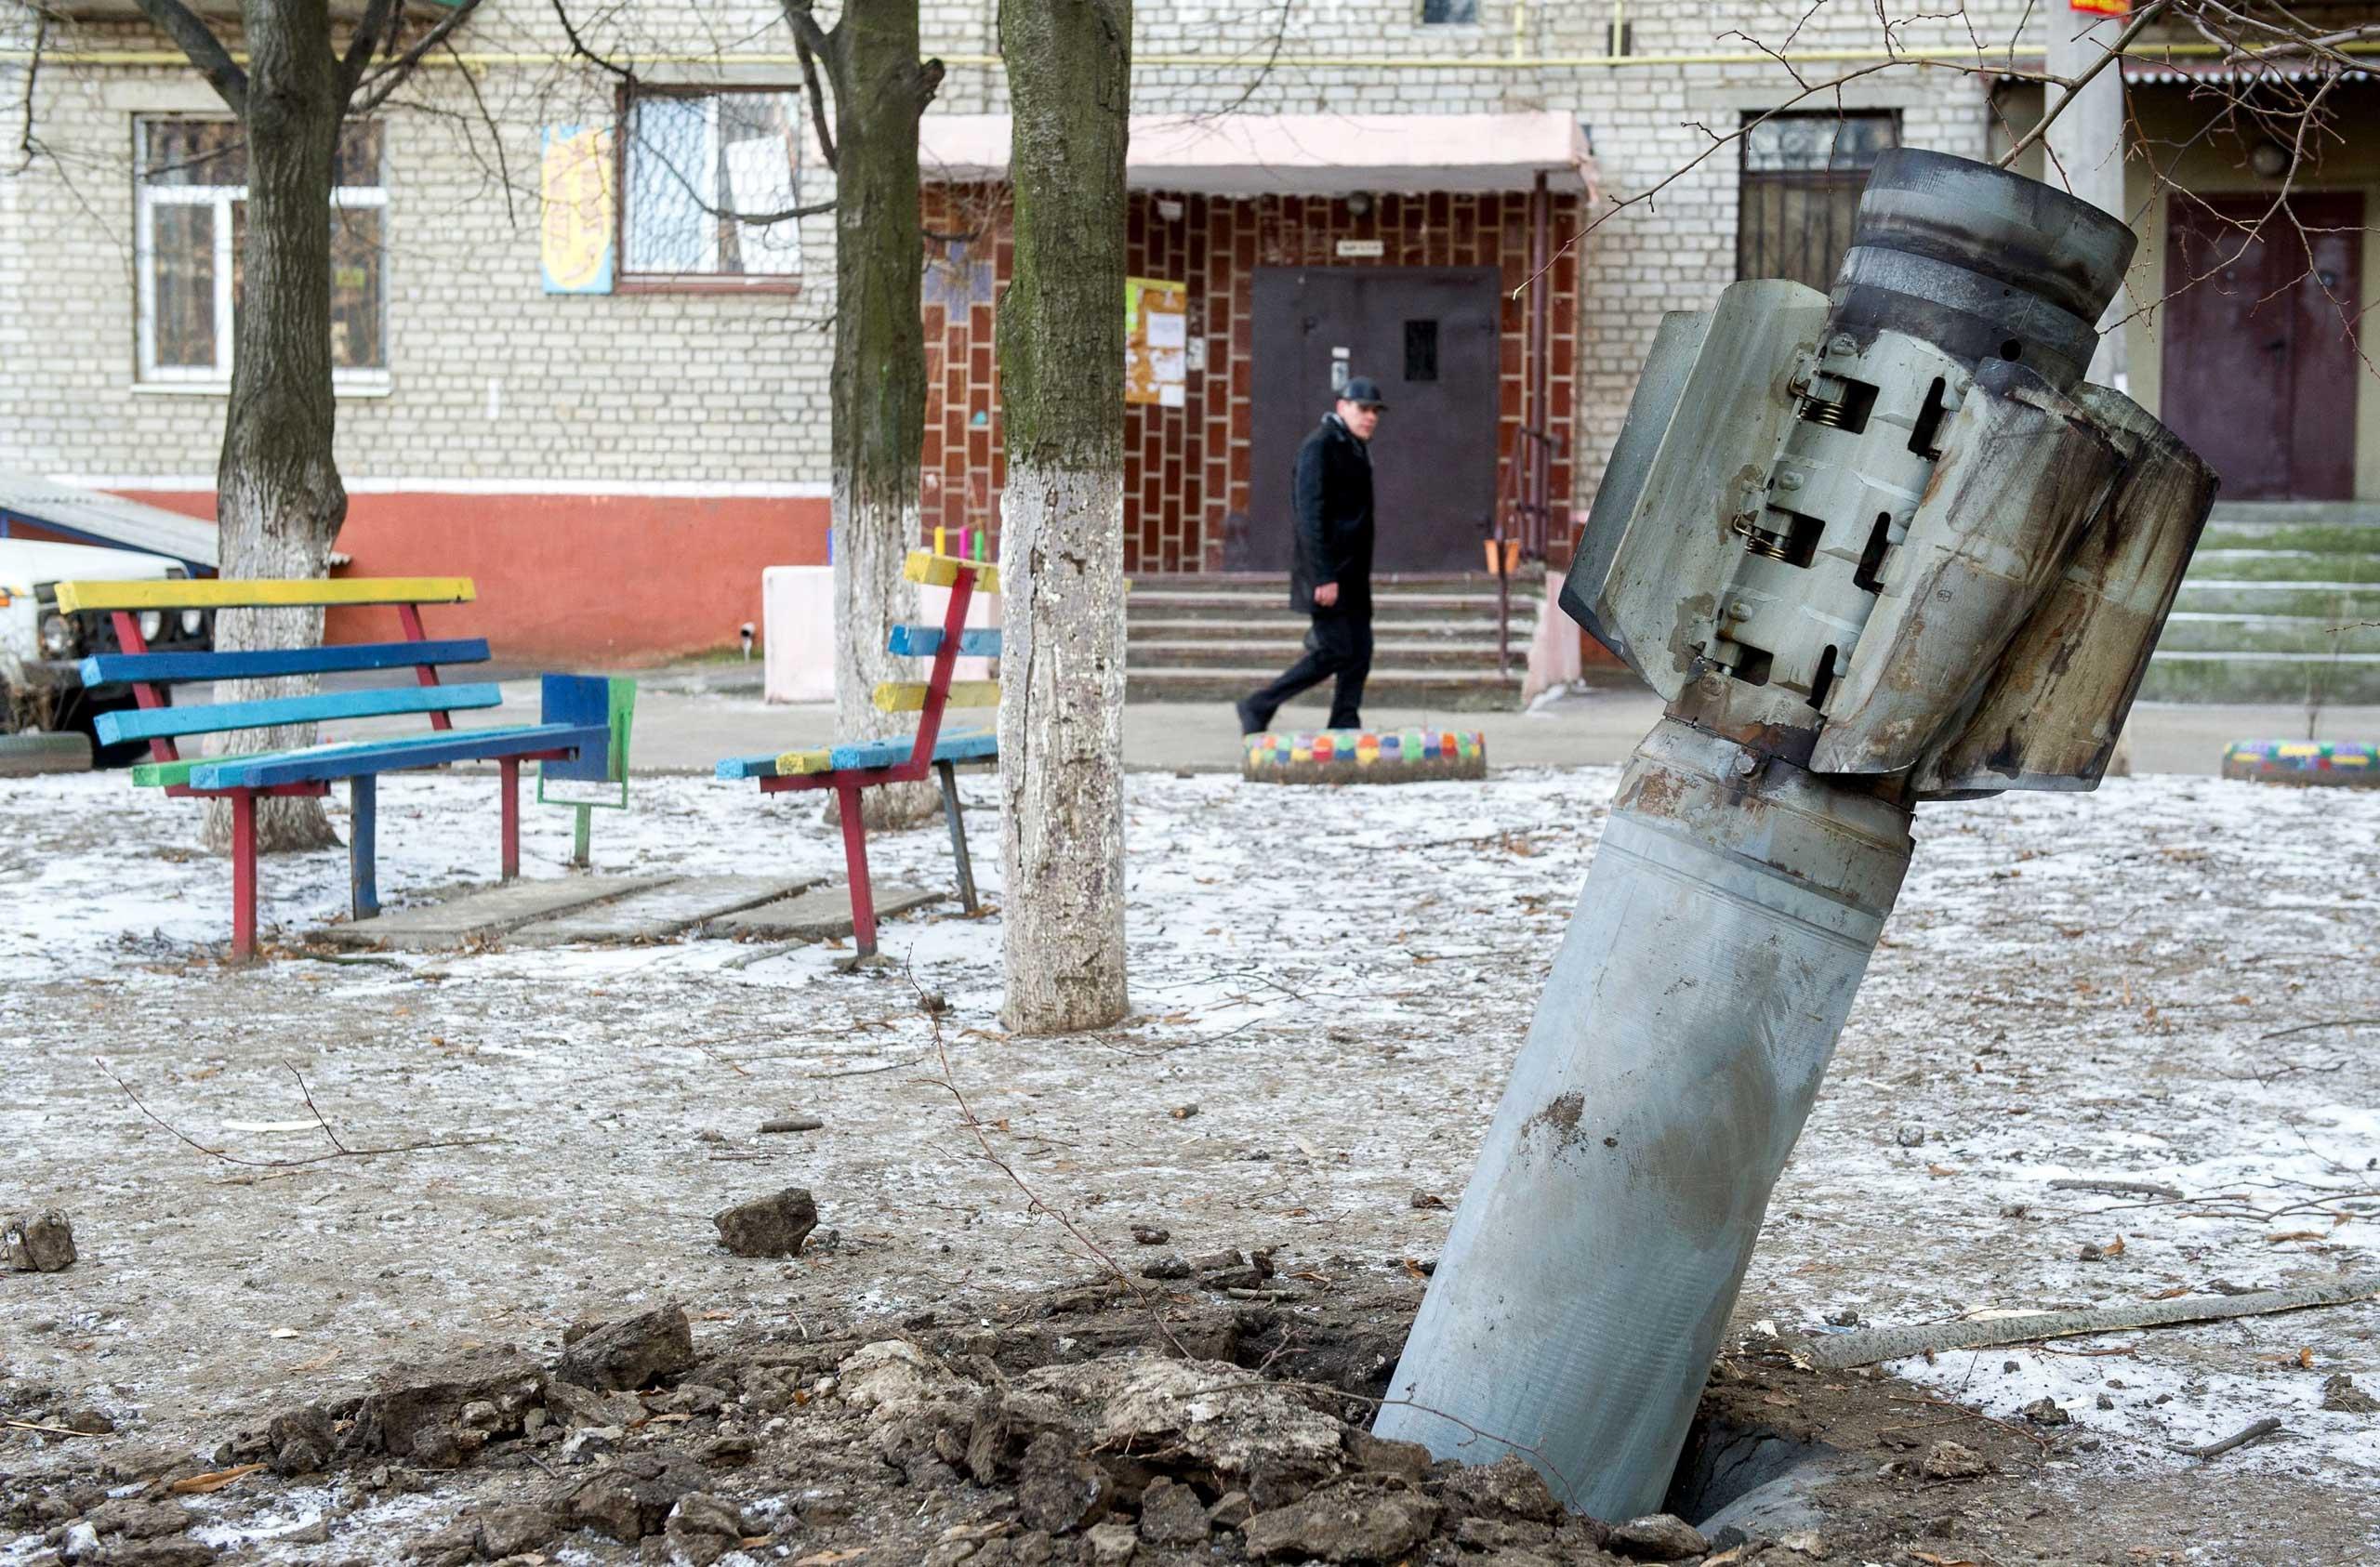 A man walks past an unexploded rocket in Kramatorsk, eastern Ukraine on Feb. 11, 2015.